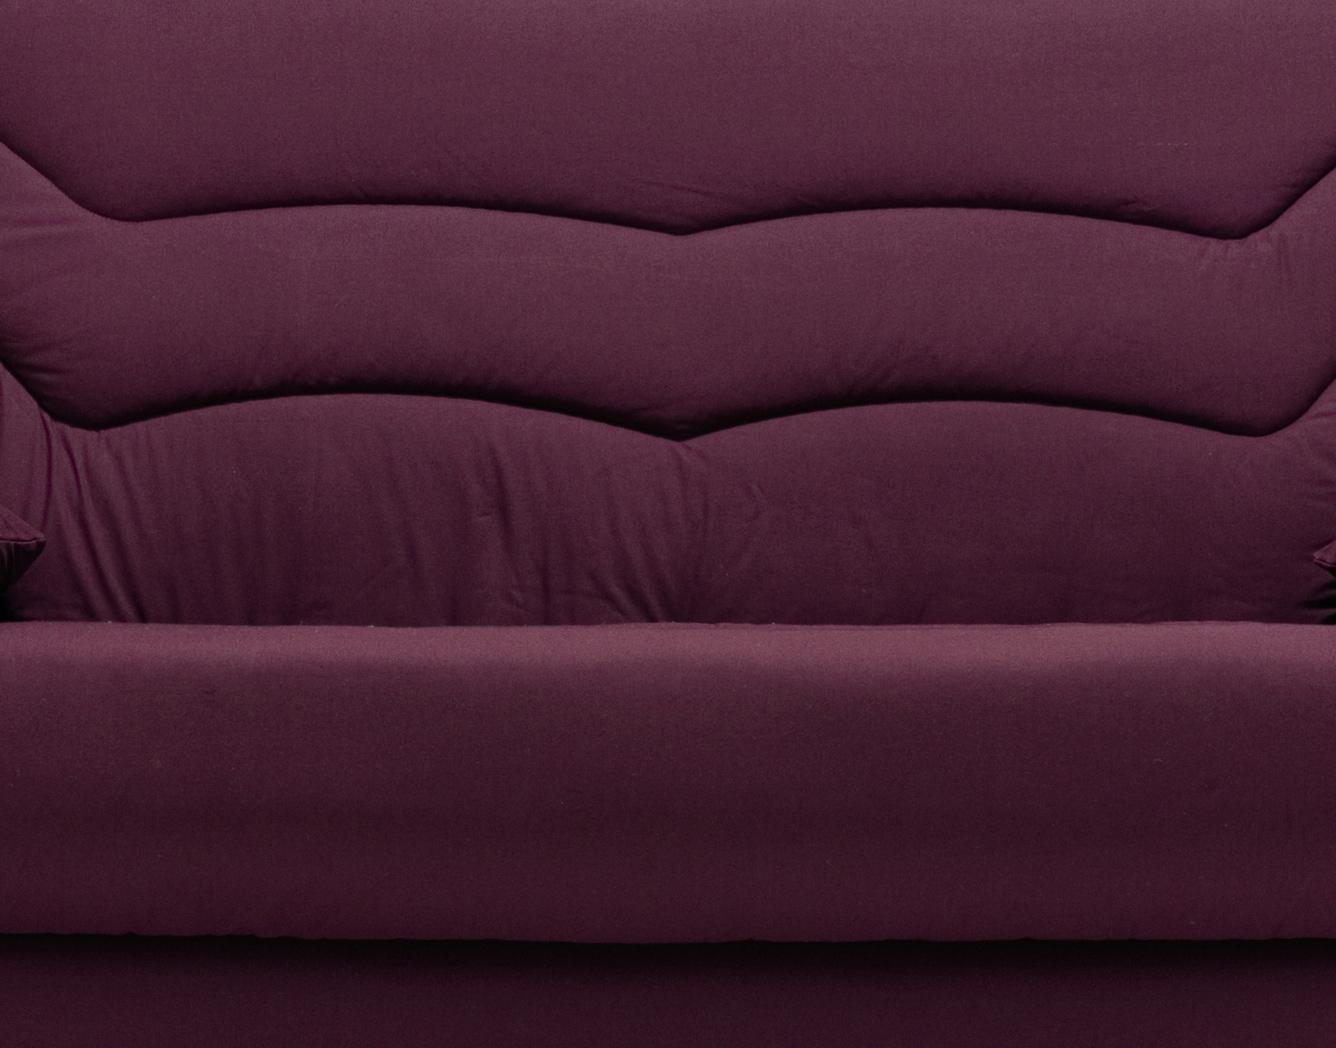 housse clic clac 2 housses de coussins coloris prune. Black Bedroom Furniture Sets. Home Design Ideas